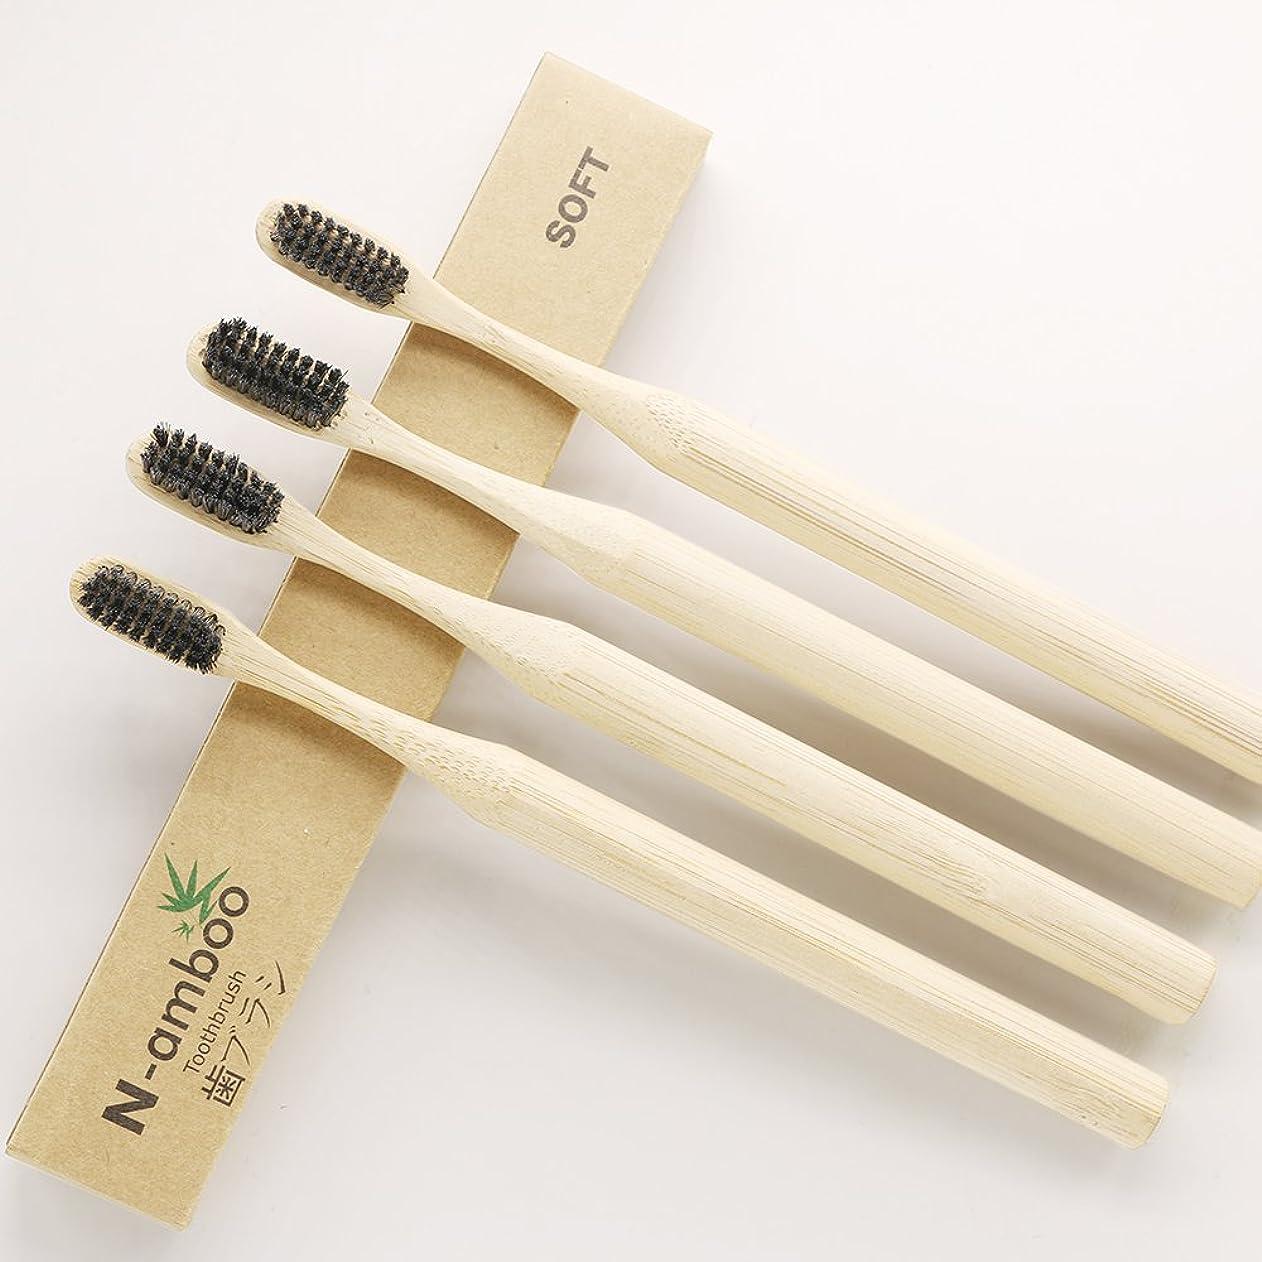 通貨合併契約N-amboo 竹製耐久度高い 歯ブラシ 4本入り セット 黒い